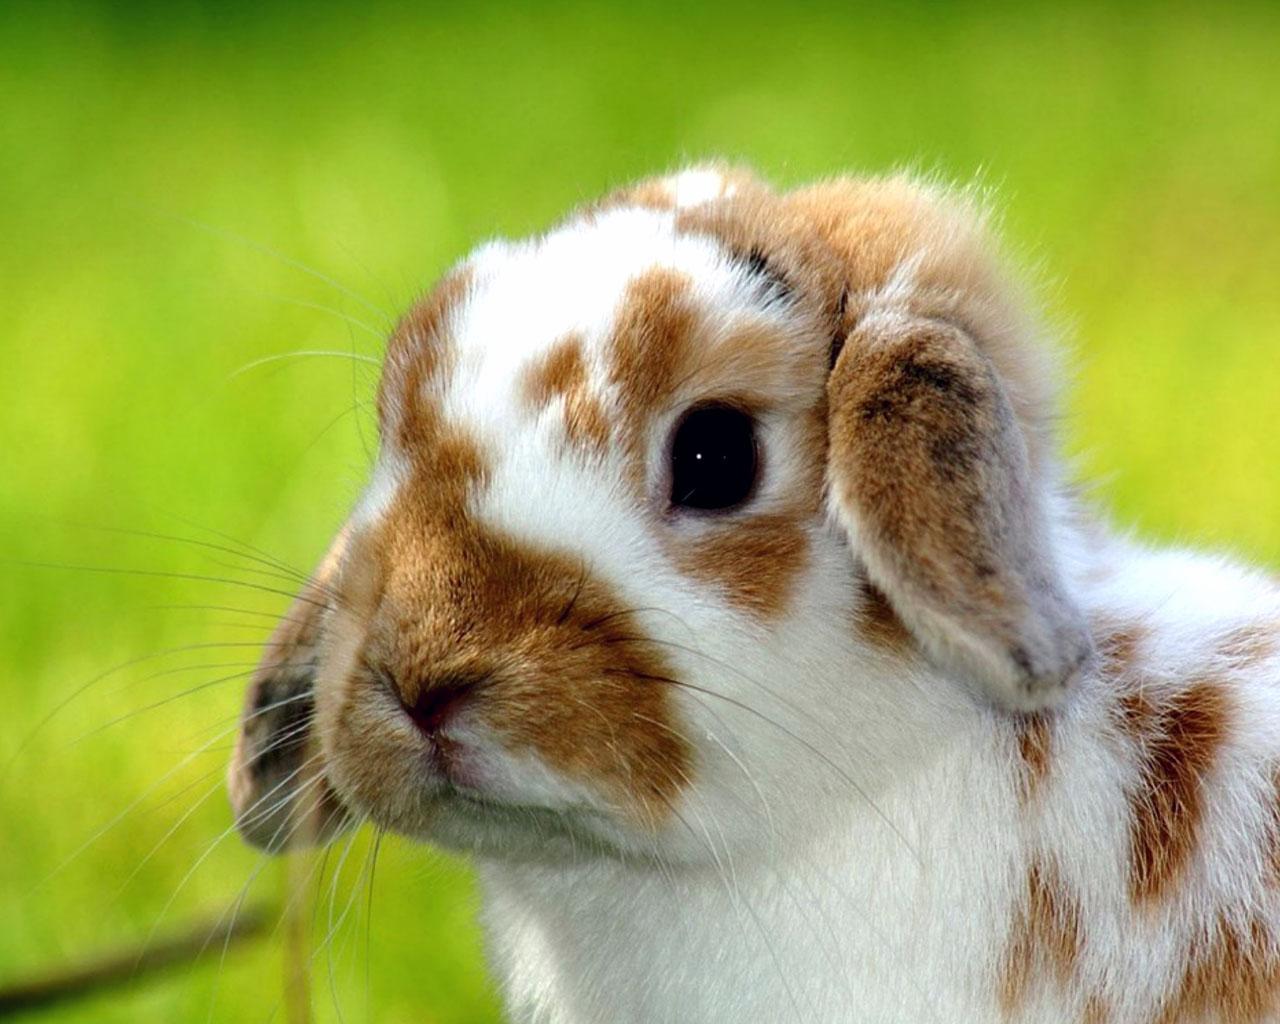 Obrázek na plochu v rozlišení 1280 x 1024 roztomilý králíček